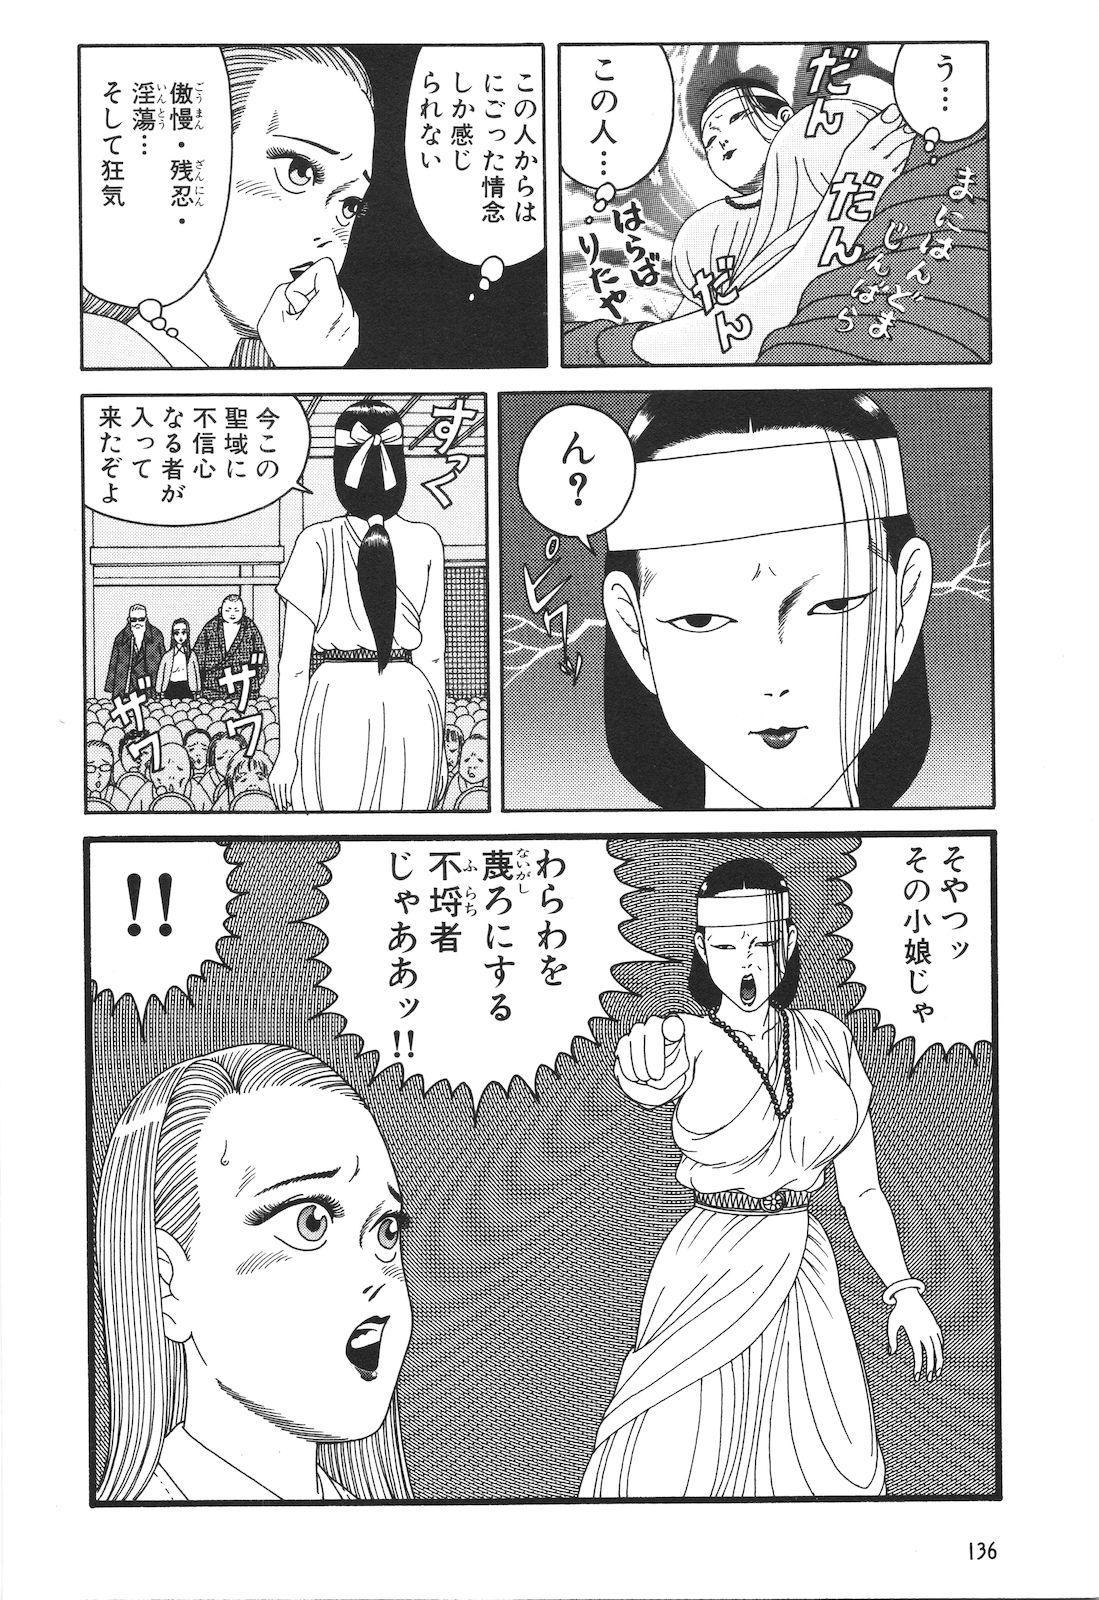 Dobusarai Gekijou 137